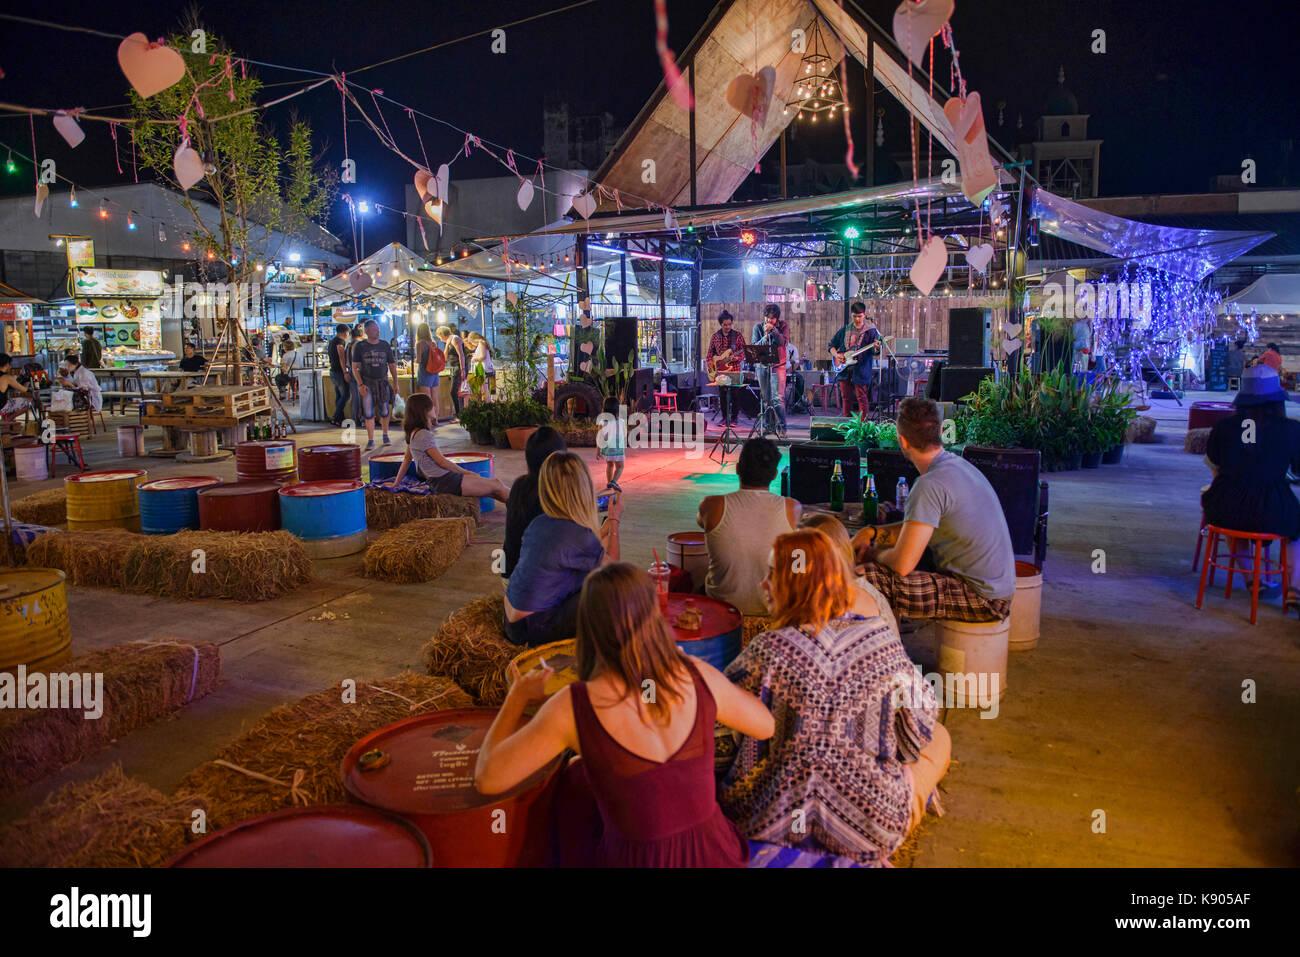 Chiang Mai Thailand Bar Stock Photos Chiang Mai Thailand Bar Stock